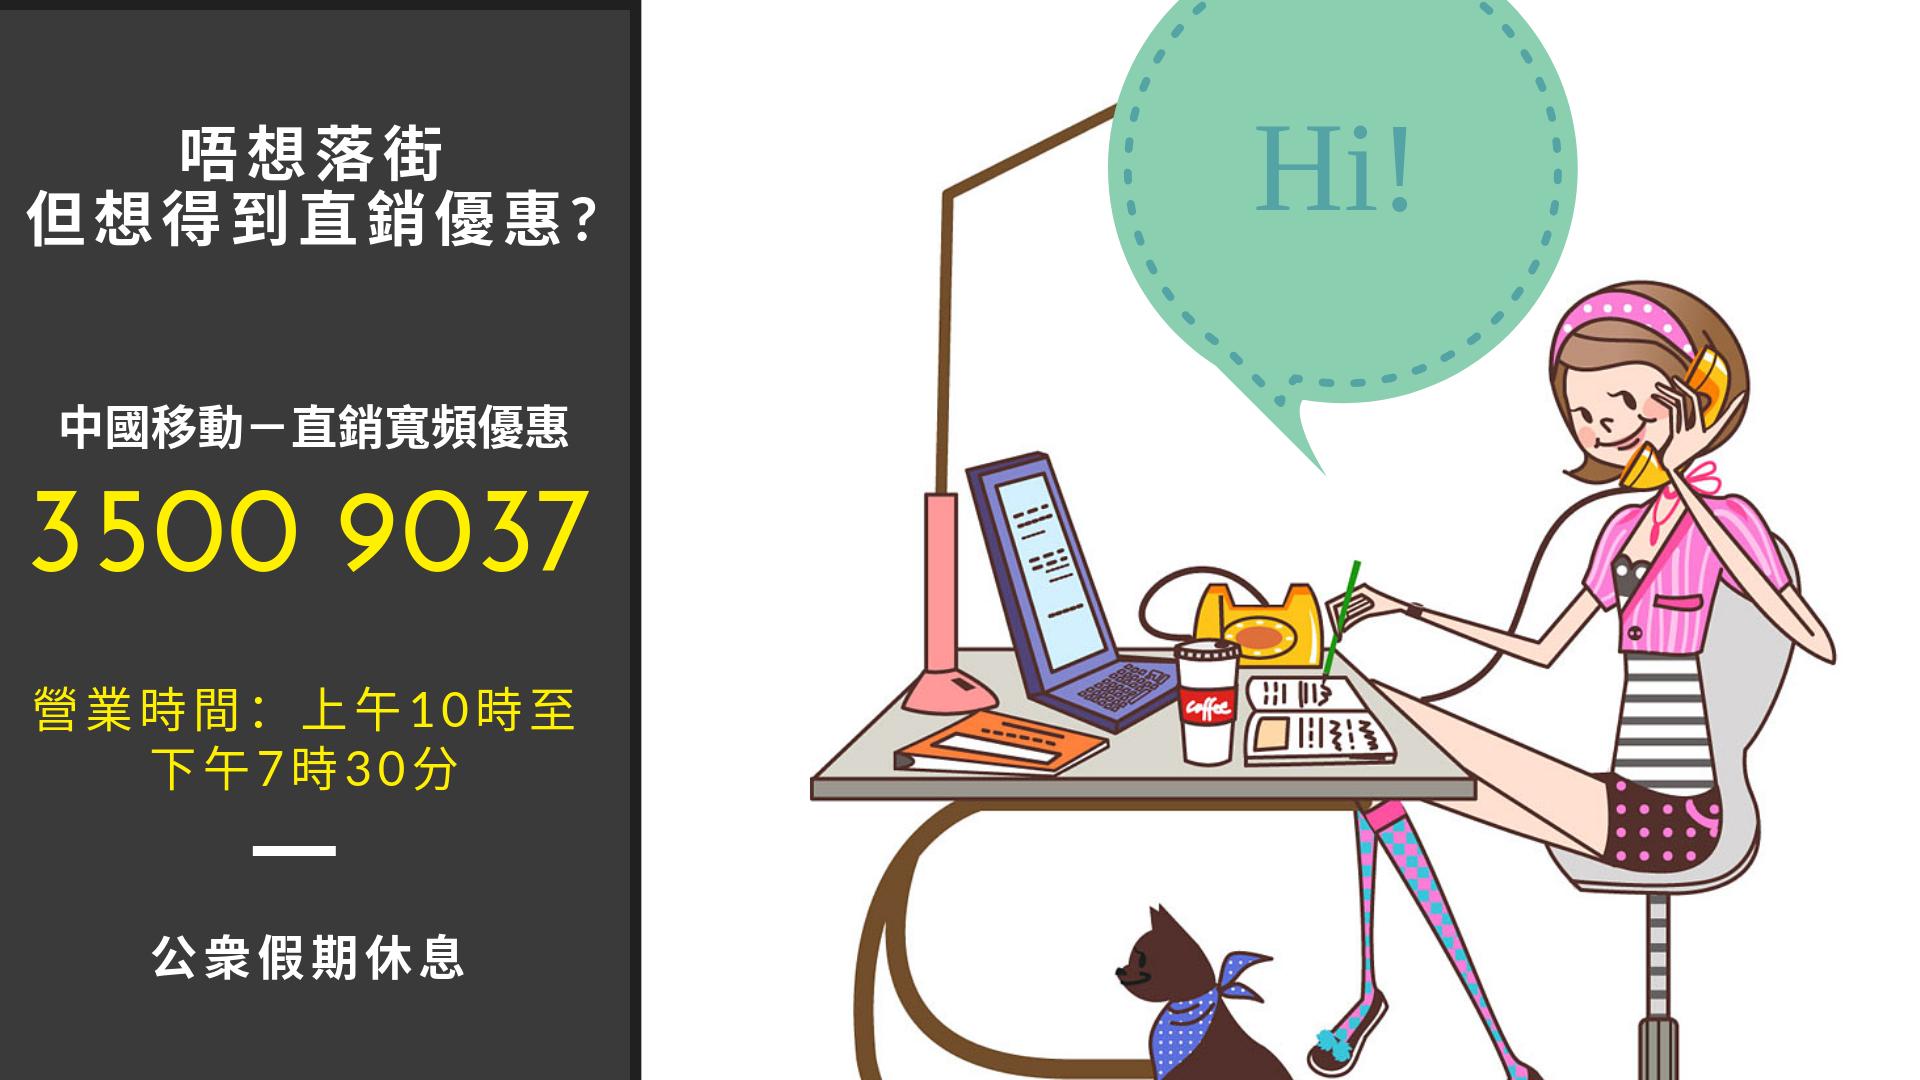 中國移動香港 CMHK